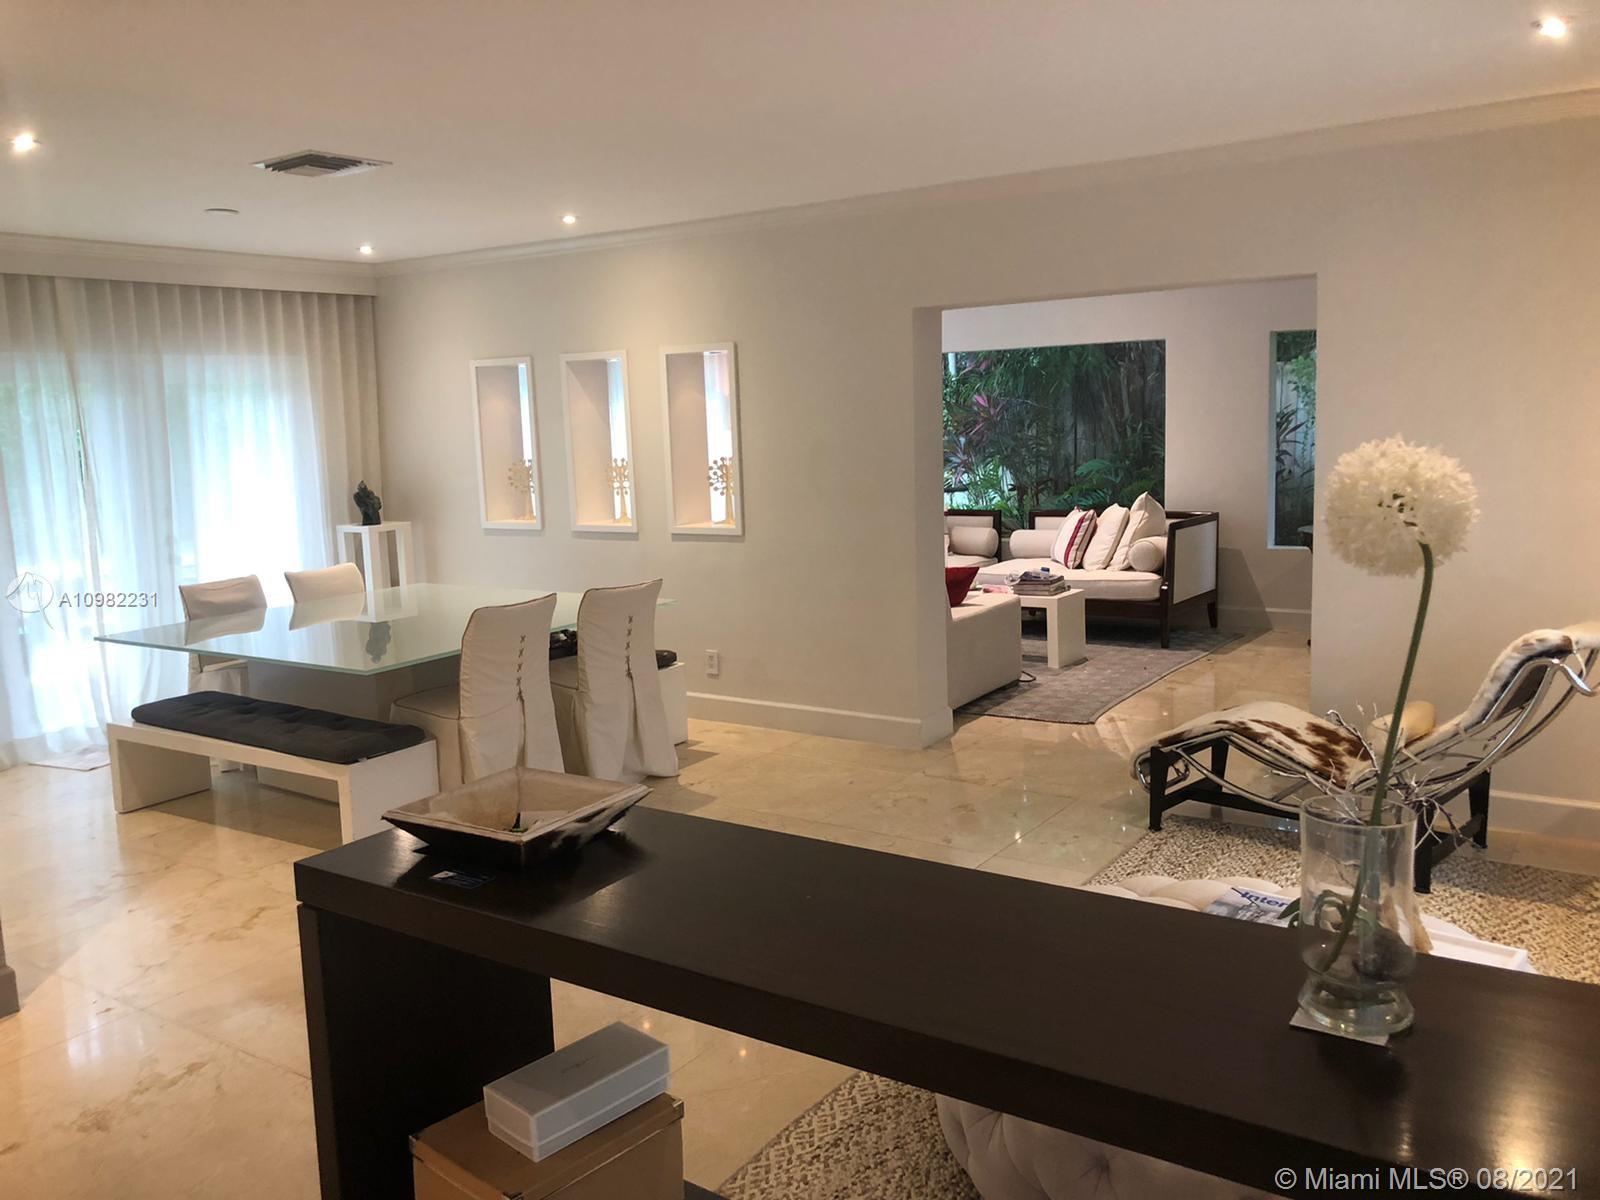 Tropical Isle Homes - 390 Heather Ln, Key Biscayne, FL 33149